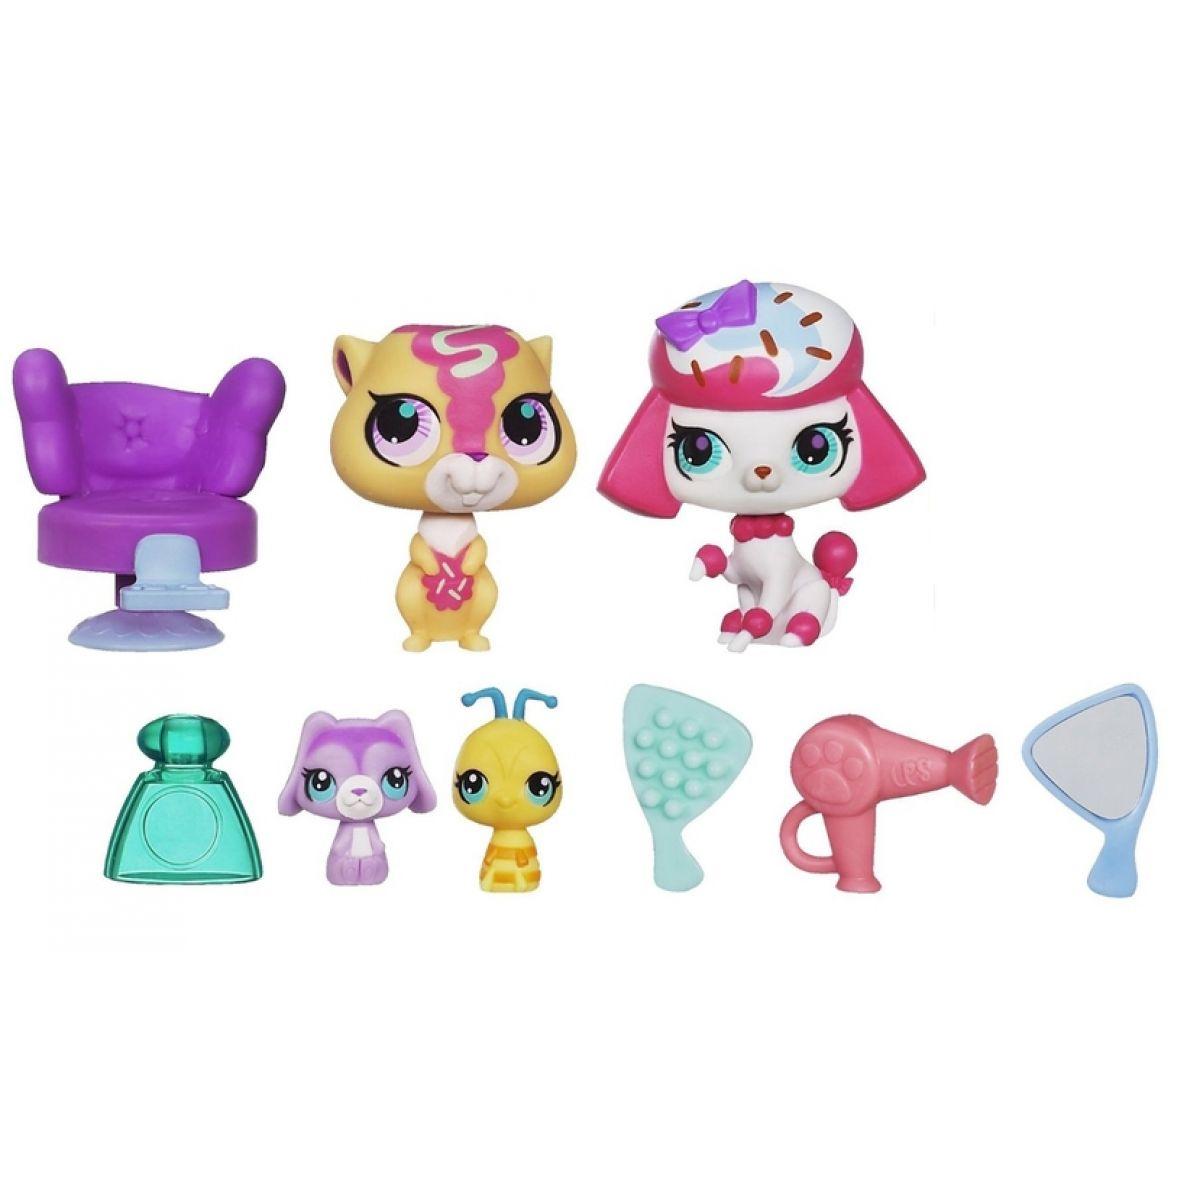 Littlest Pet Shop 4 zvířátka s doplňky v přenosném balení - A1352 Stylin Sweeties